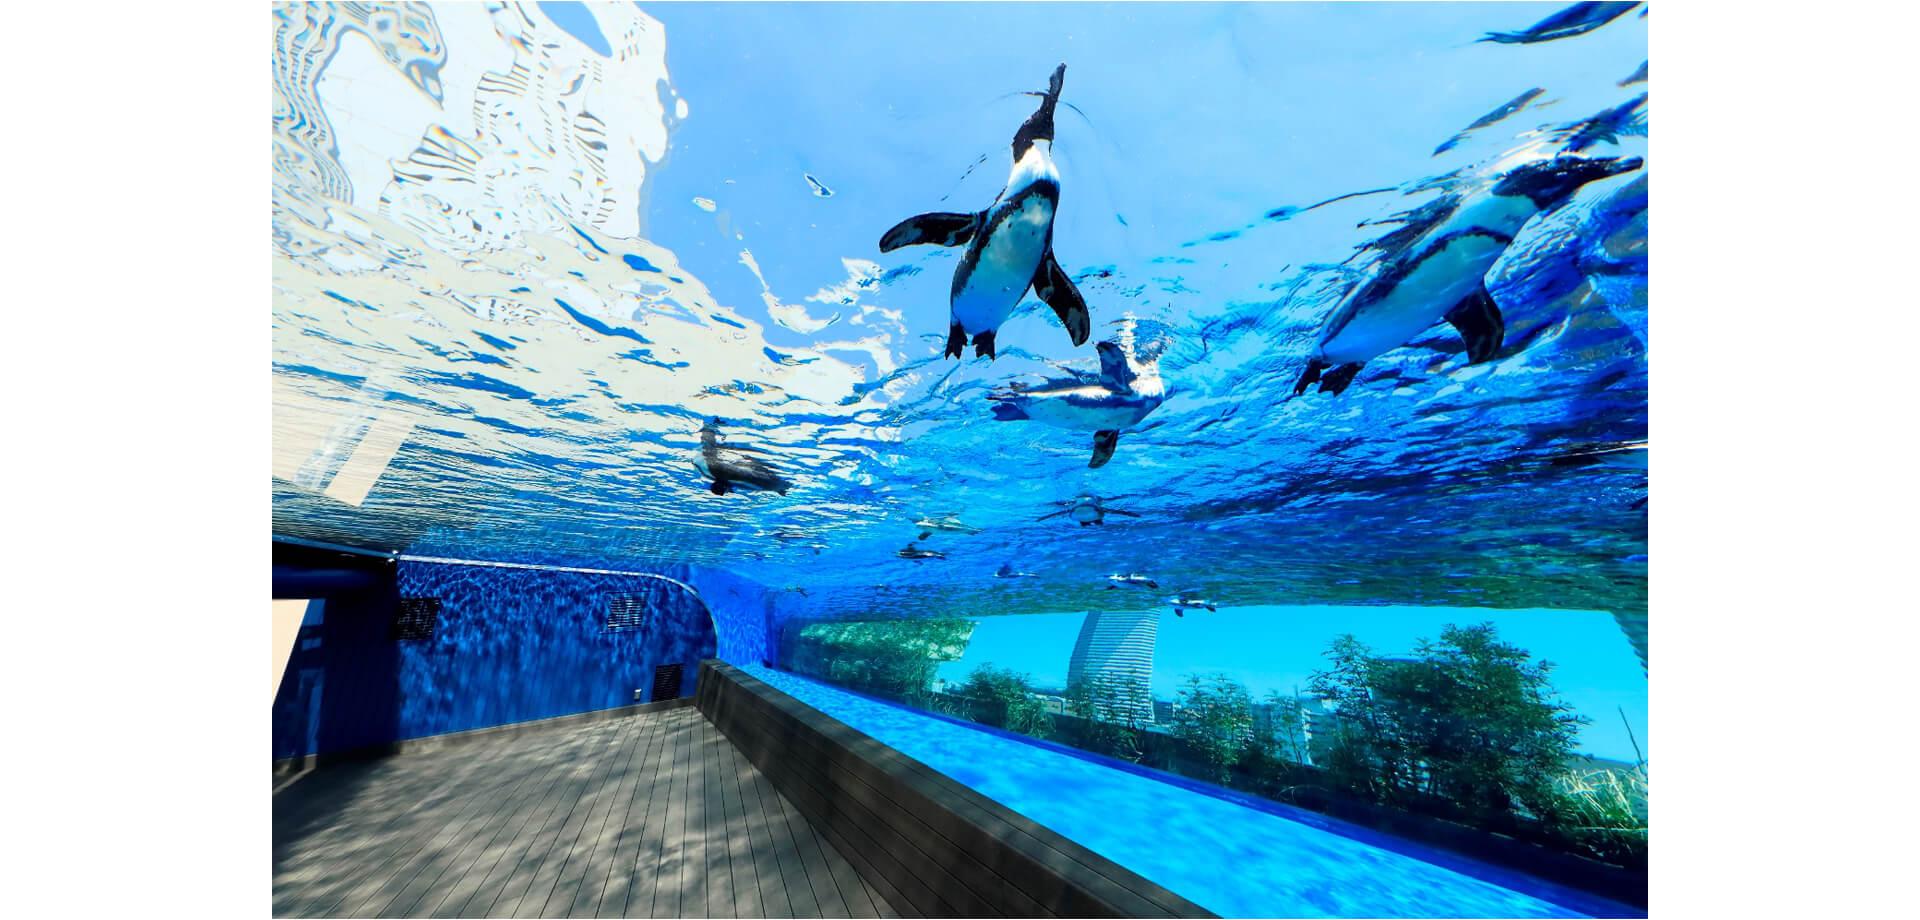 サンシャイン水族館&サンシャイン60展望台 お得な割引サービス